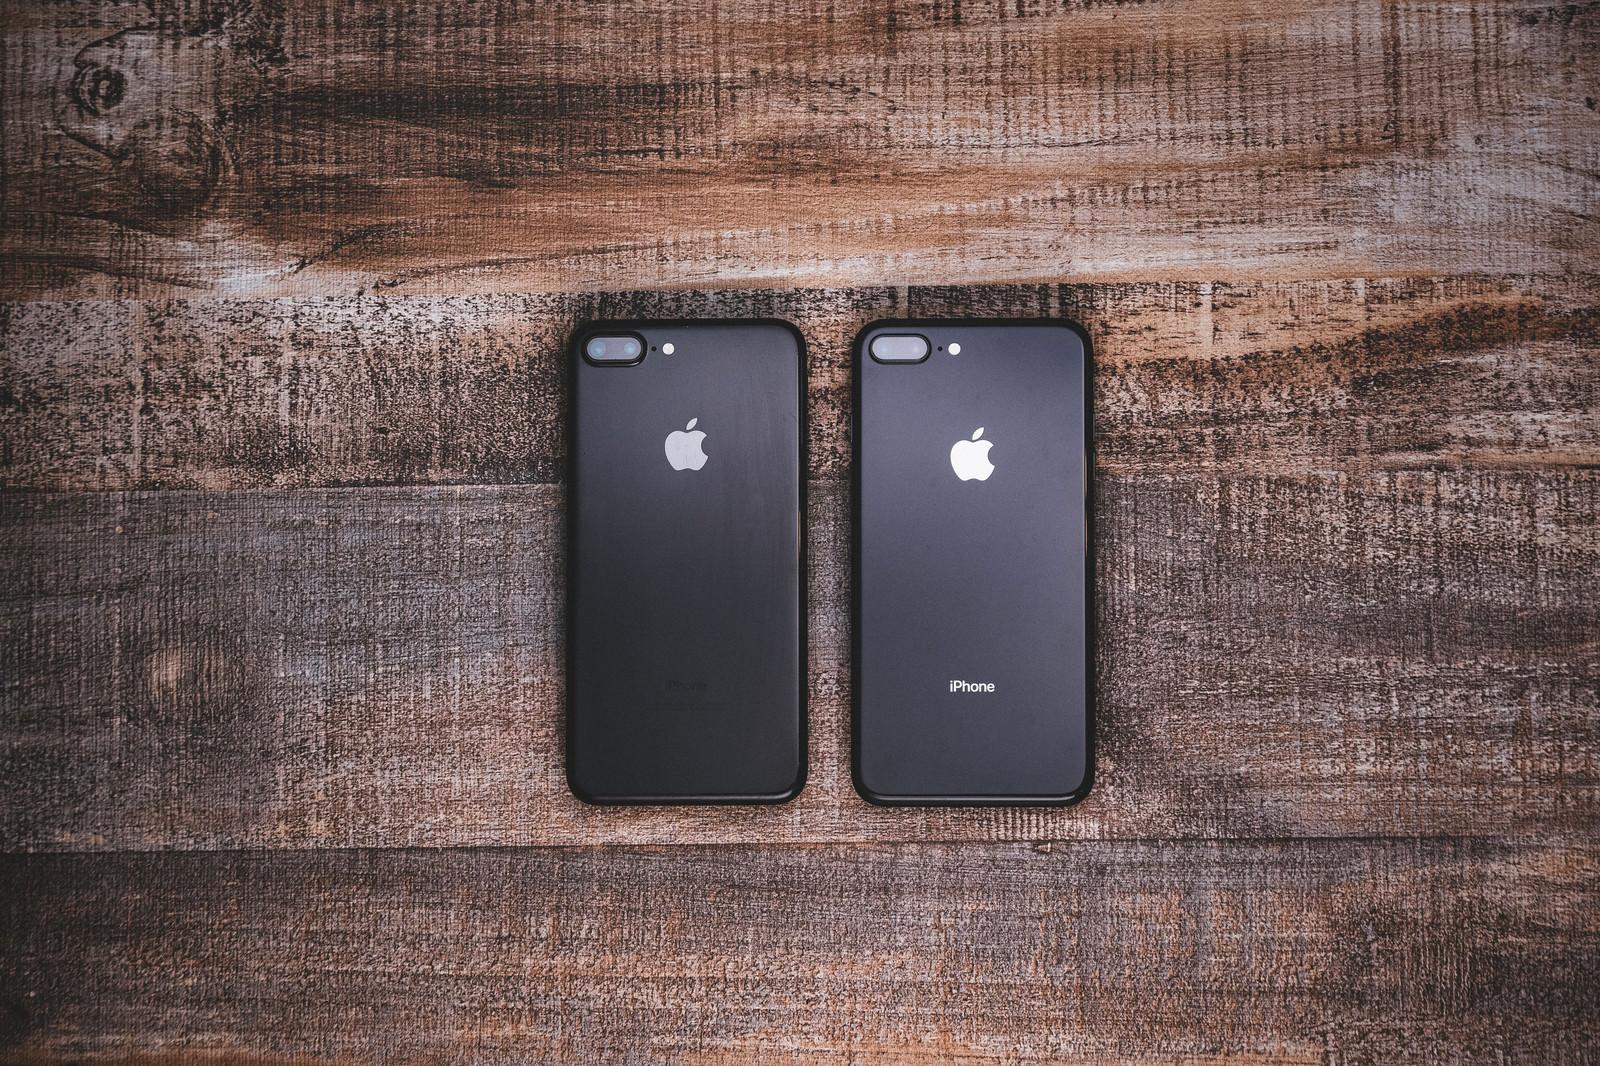 「iPhone 7 ジェットブラックとiPhone 8 スペースグレイの外観比較」の写真